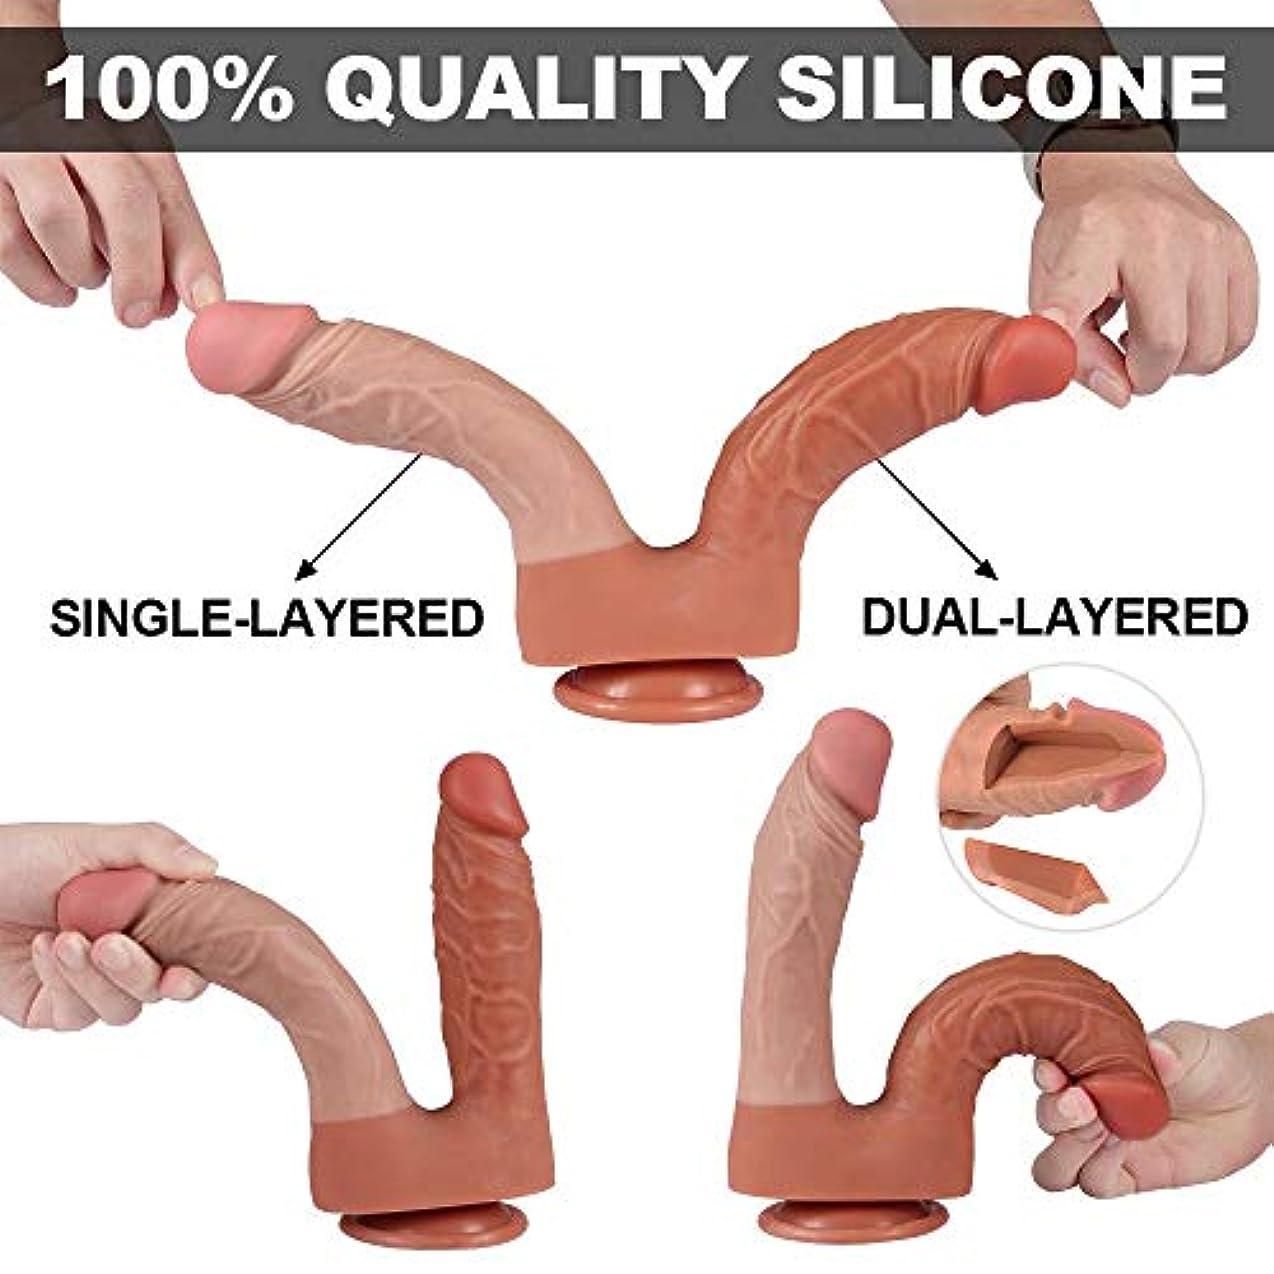 Y-angcco6 ソフトで柔軟なダブルヘッドマッサージSEおもちゃ女性カップル - 100%秘密のパッキング